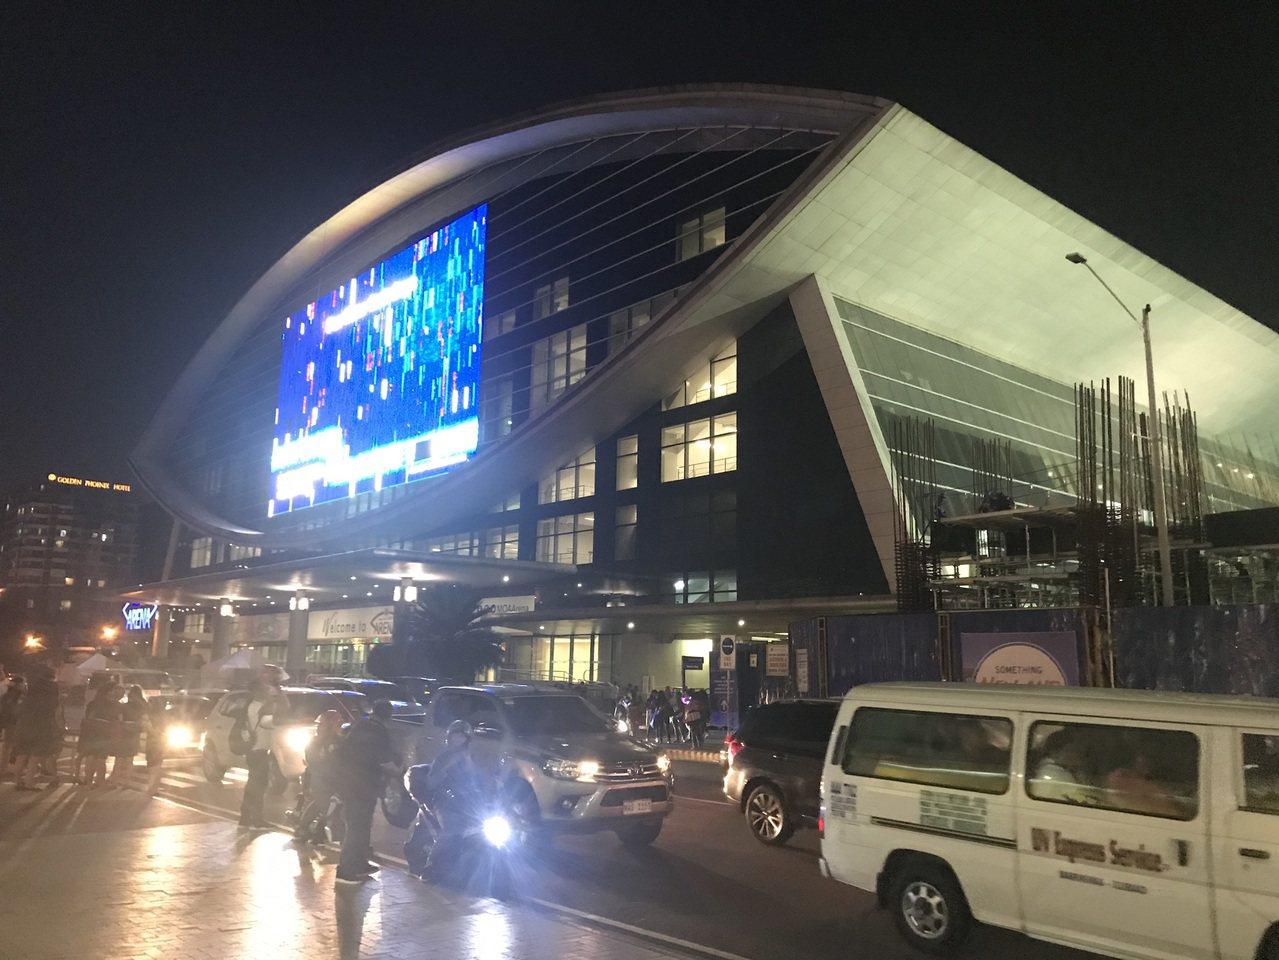 馬尼拉亞洲購物中心體育館。 記者毛琬婷/攝影